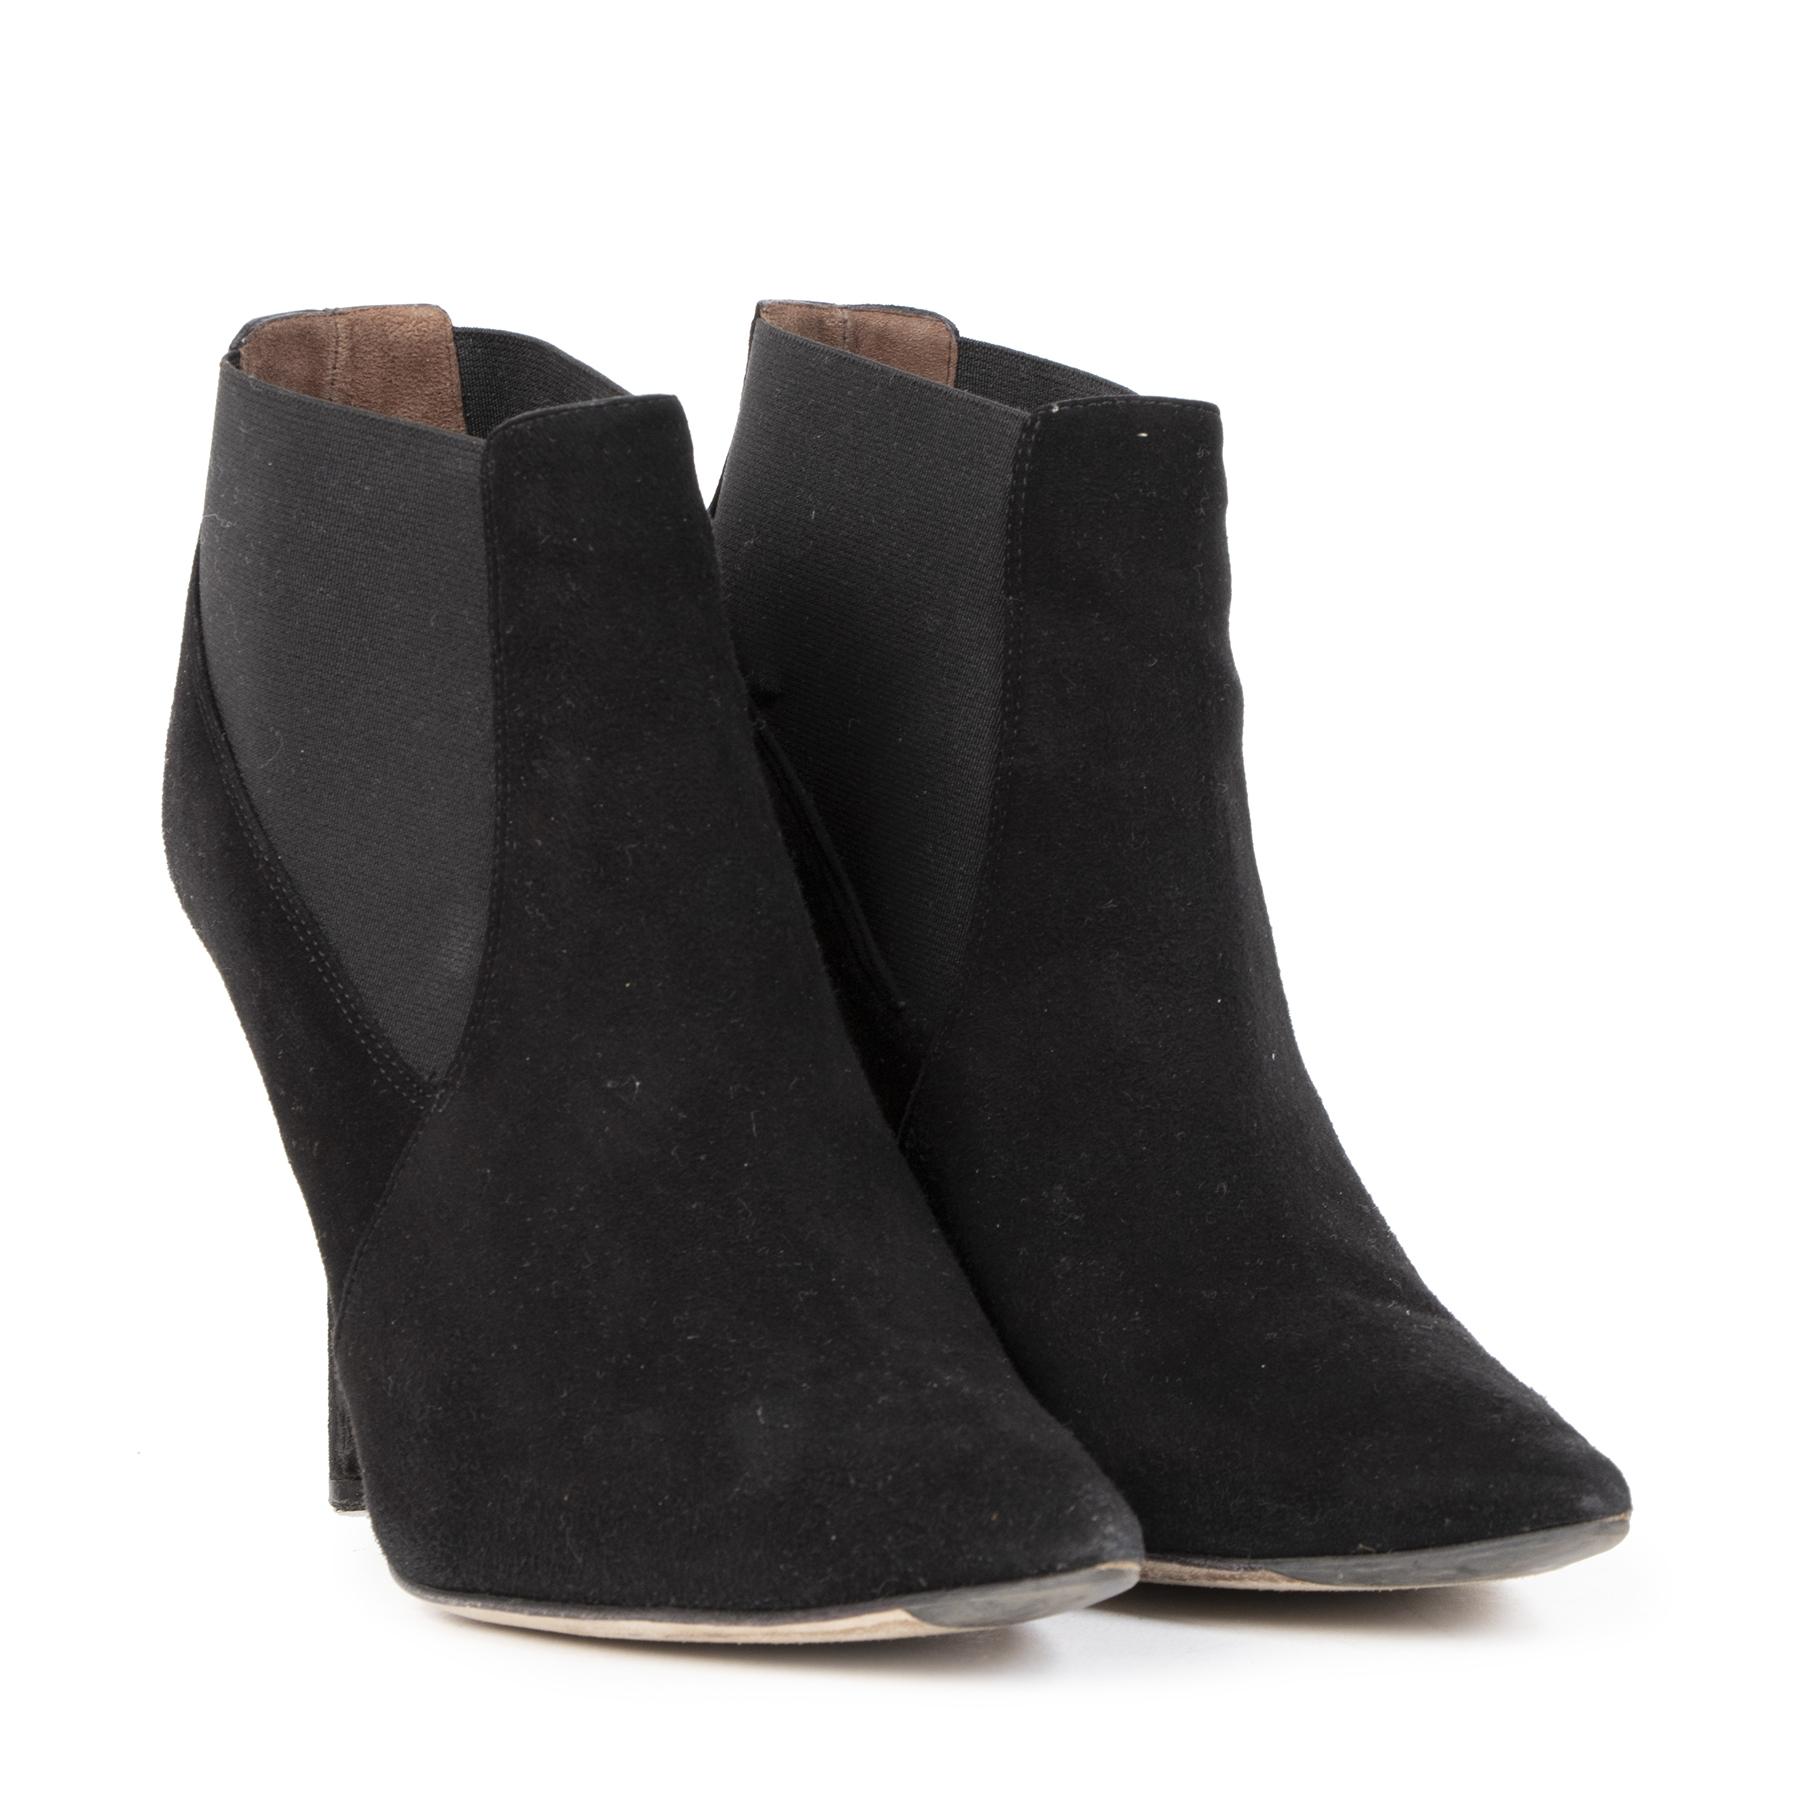 Authentieke Tweedehands Dolce & Gabbana Black Suede Ankle Booties - size 39,5 juiste prijs veilig online shoppen luxee merken webshop winkelen Antwerpen België mode fashion